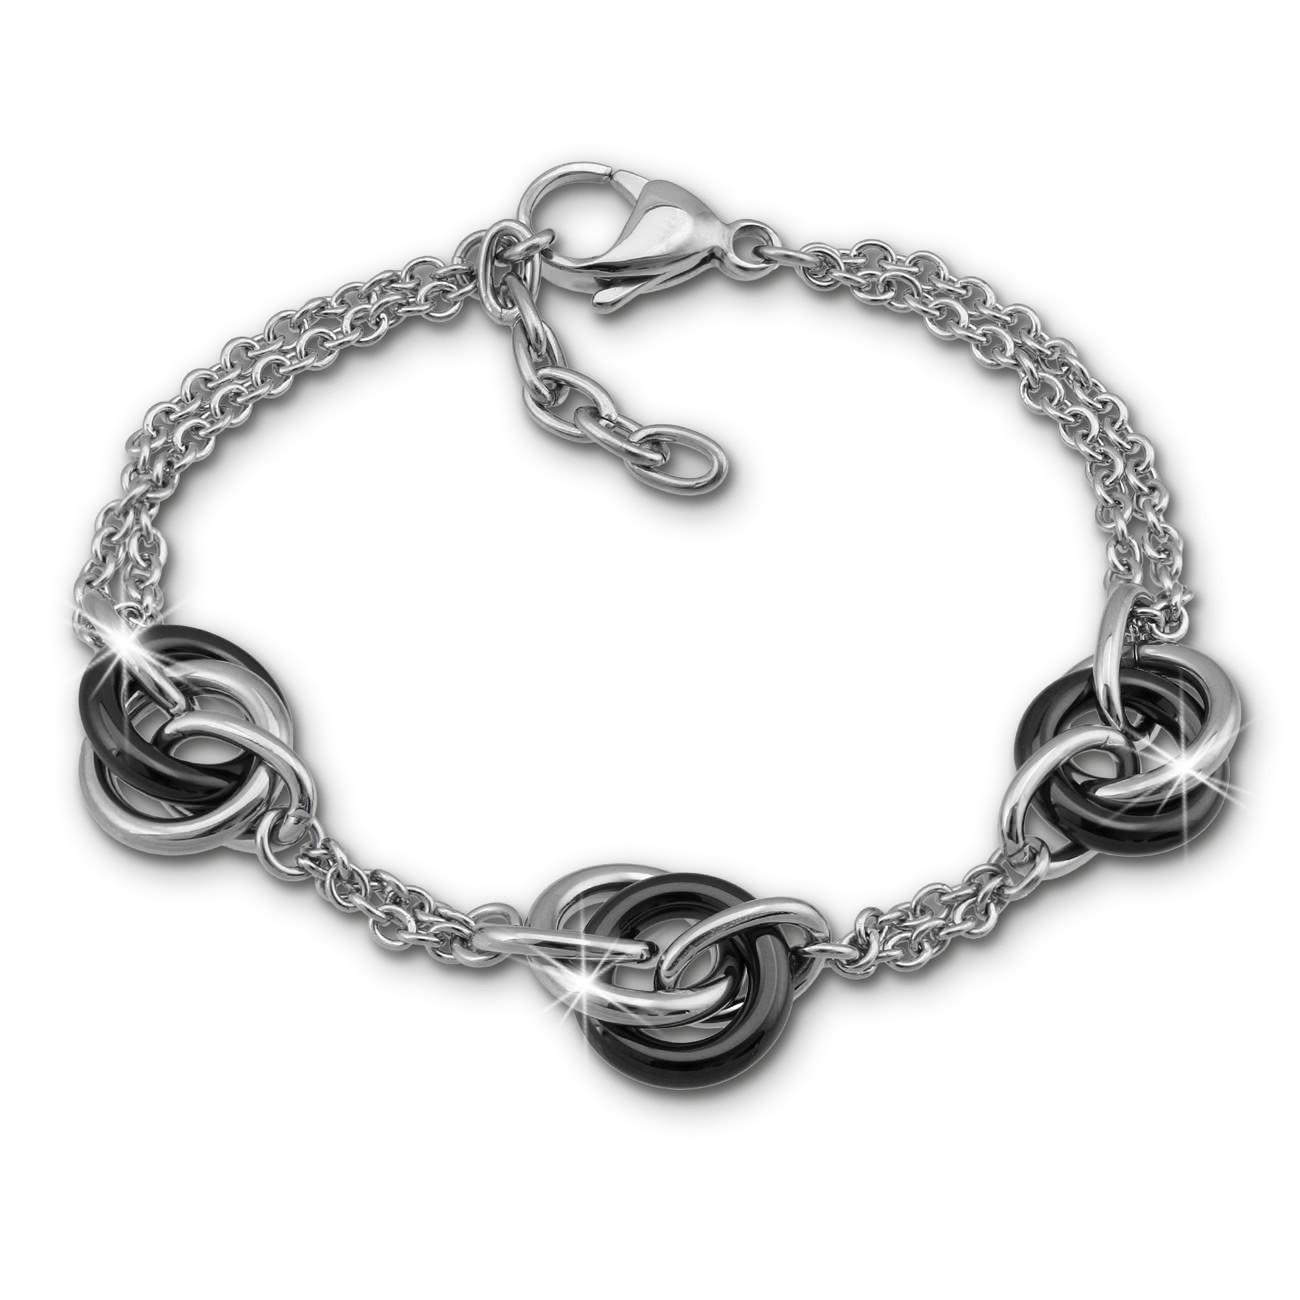 Amello Armband Keramik Ringe schwarz Damen Edelstahlschmuck ESAX37S8